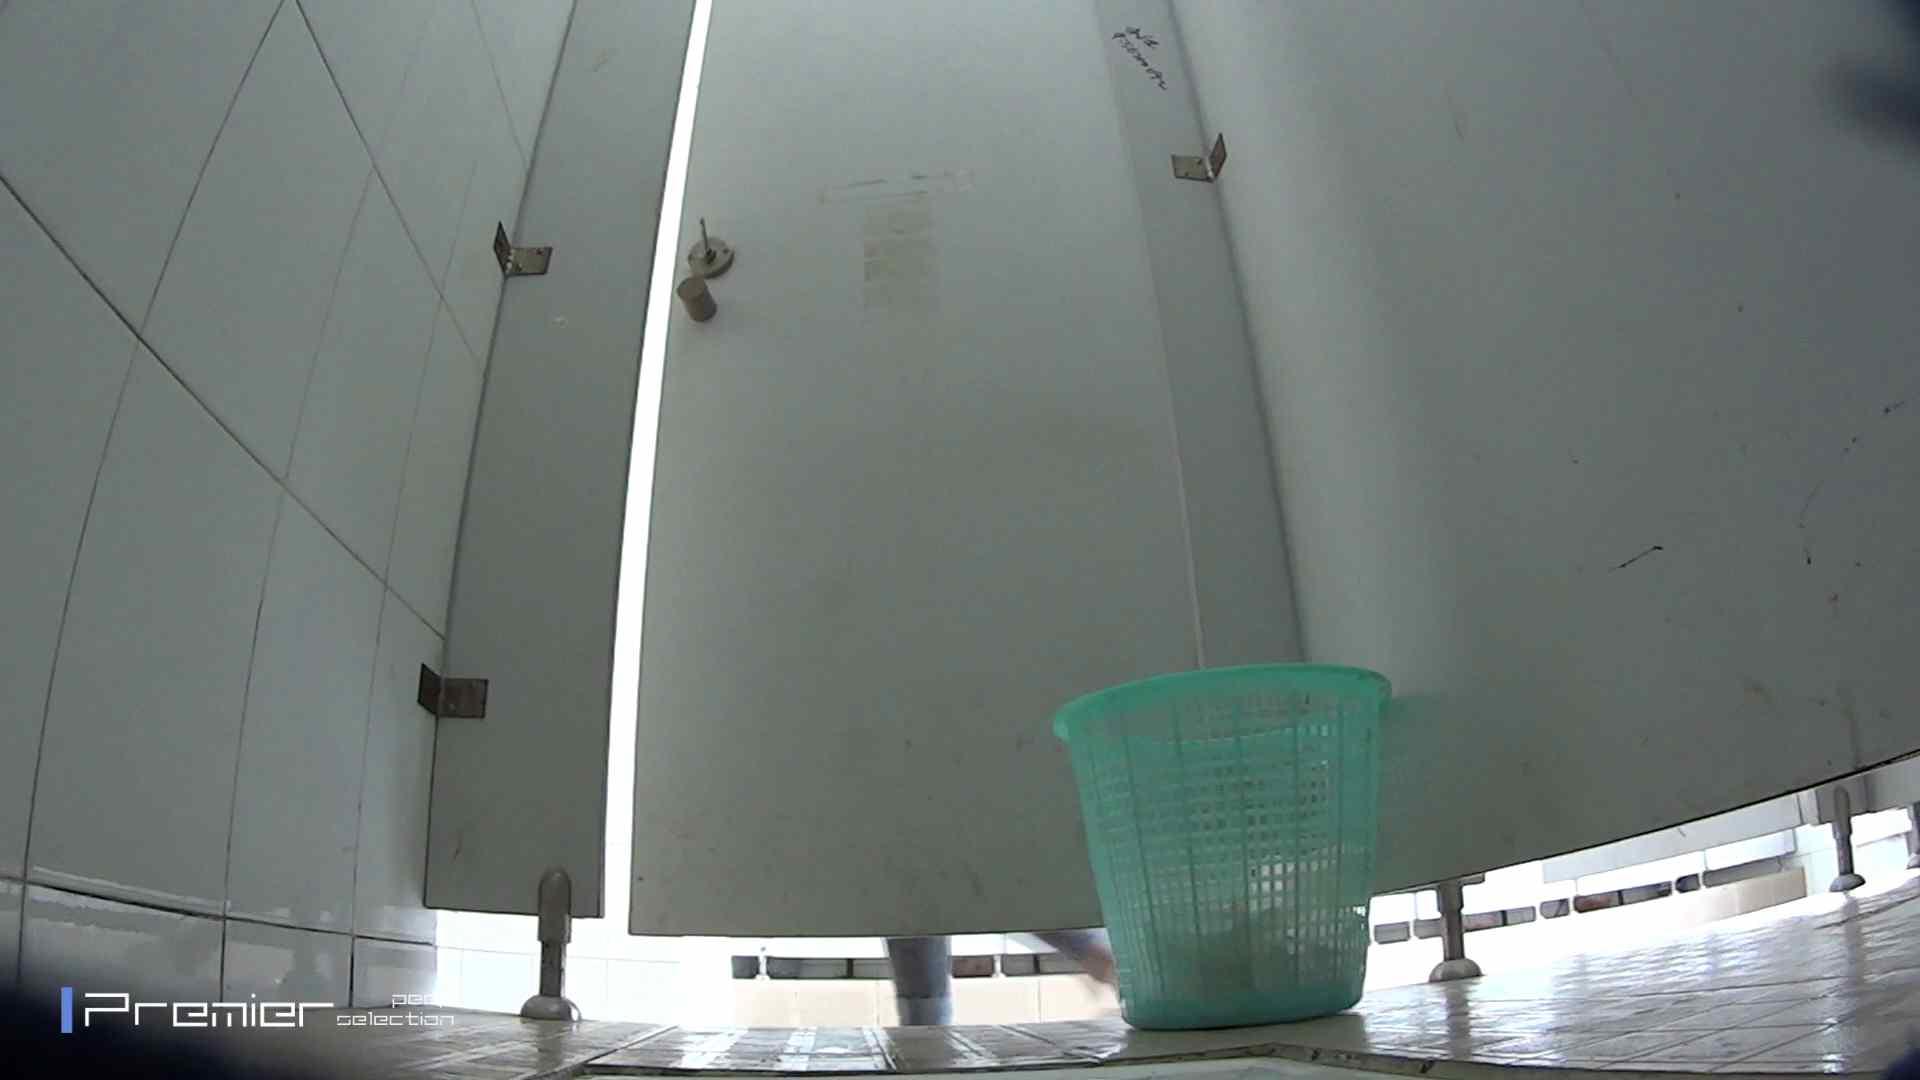 美しい女良たちのトイレ事情 有名大学休憩時間の洗面所事情06 盗撮エロすぎ | トイレ中  55連発 13